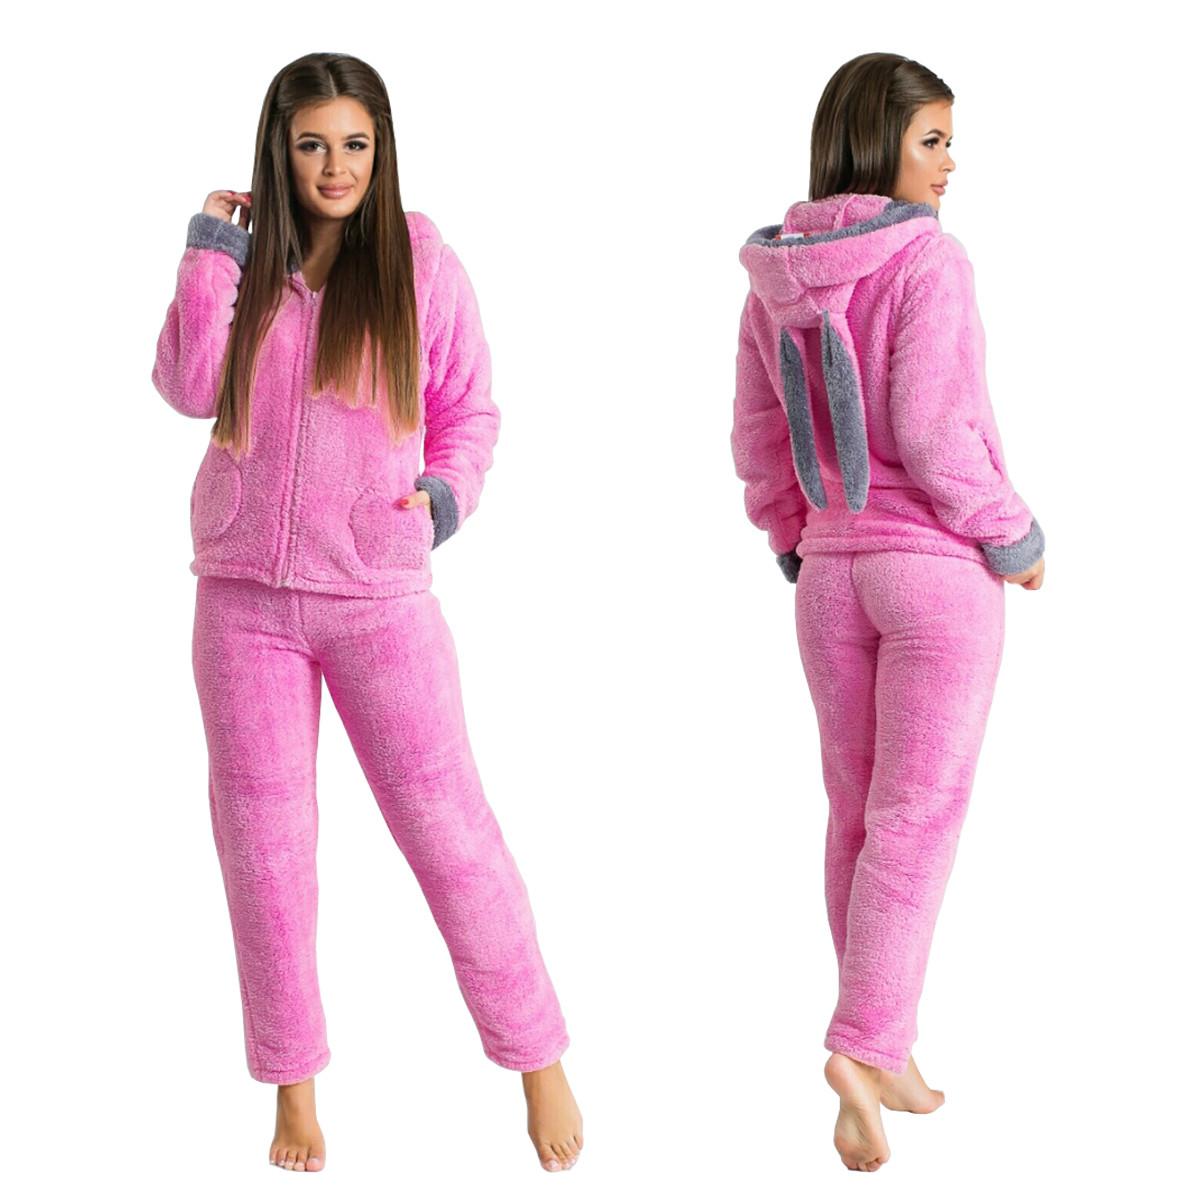 Теплий домашній костюм - піжама з вушками (р. 42-44,46-48) махра